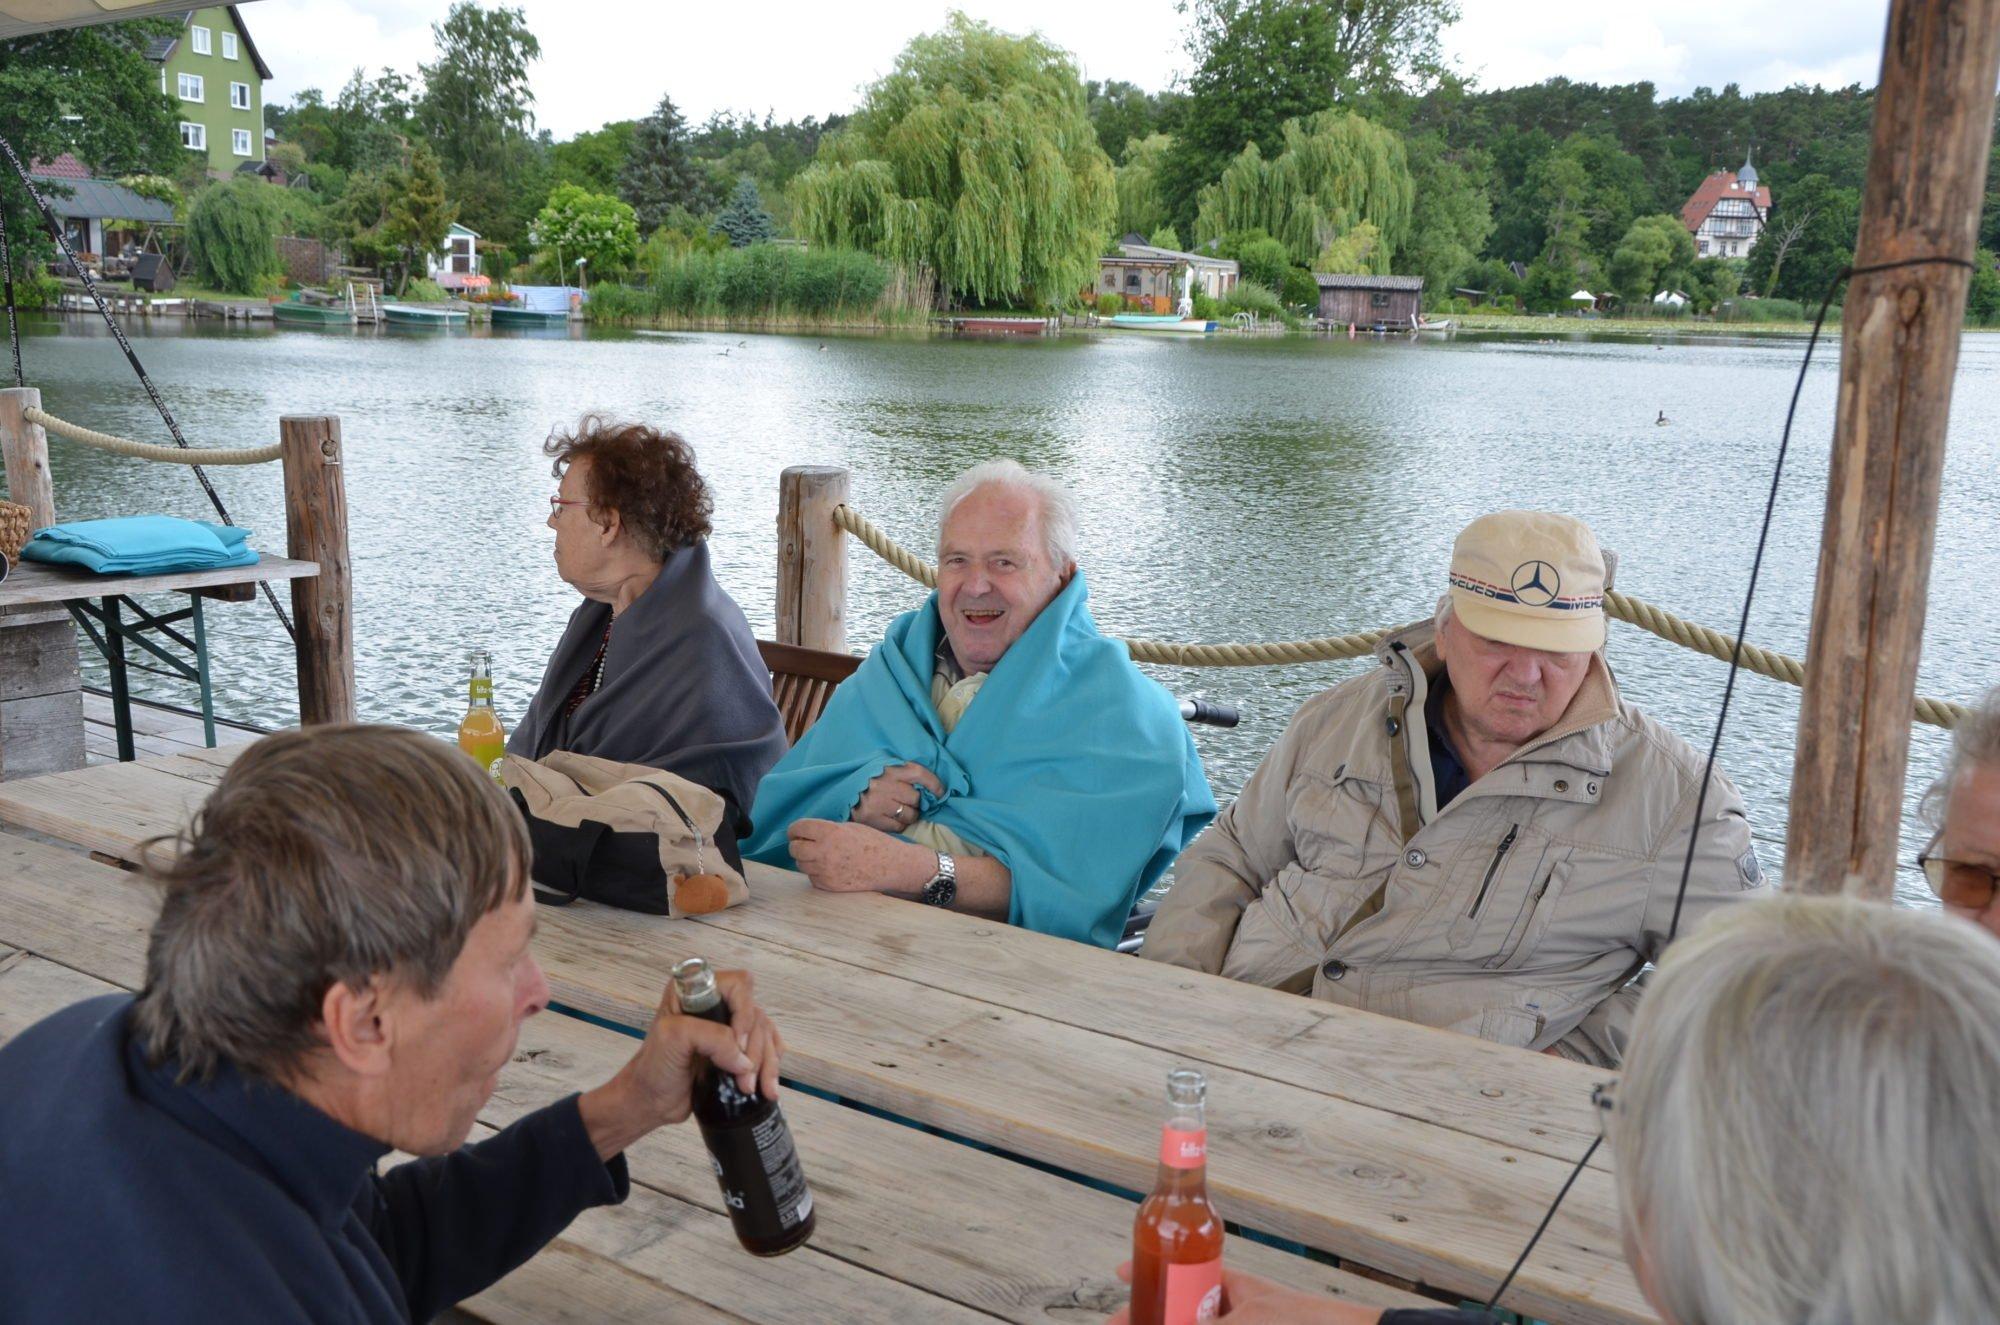 Die Reisegruppe an einem Holztisch auf dem Floß.